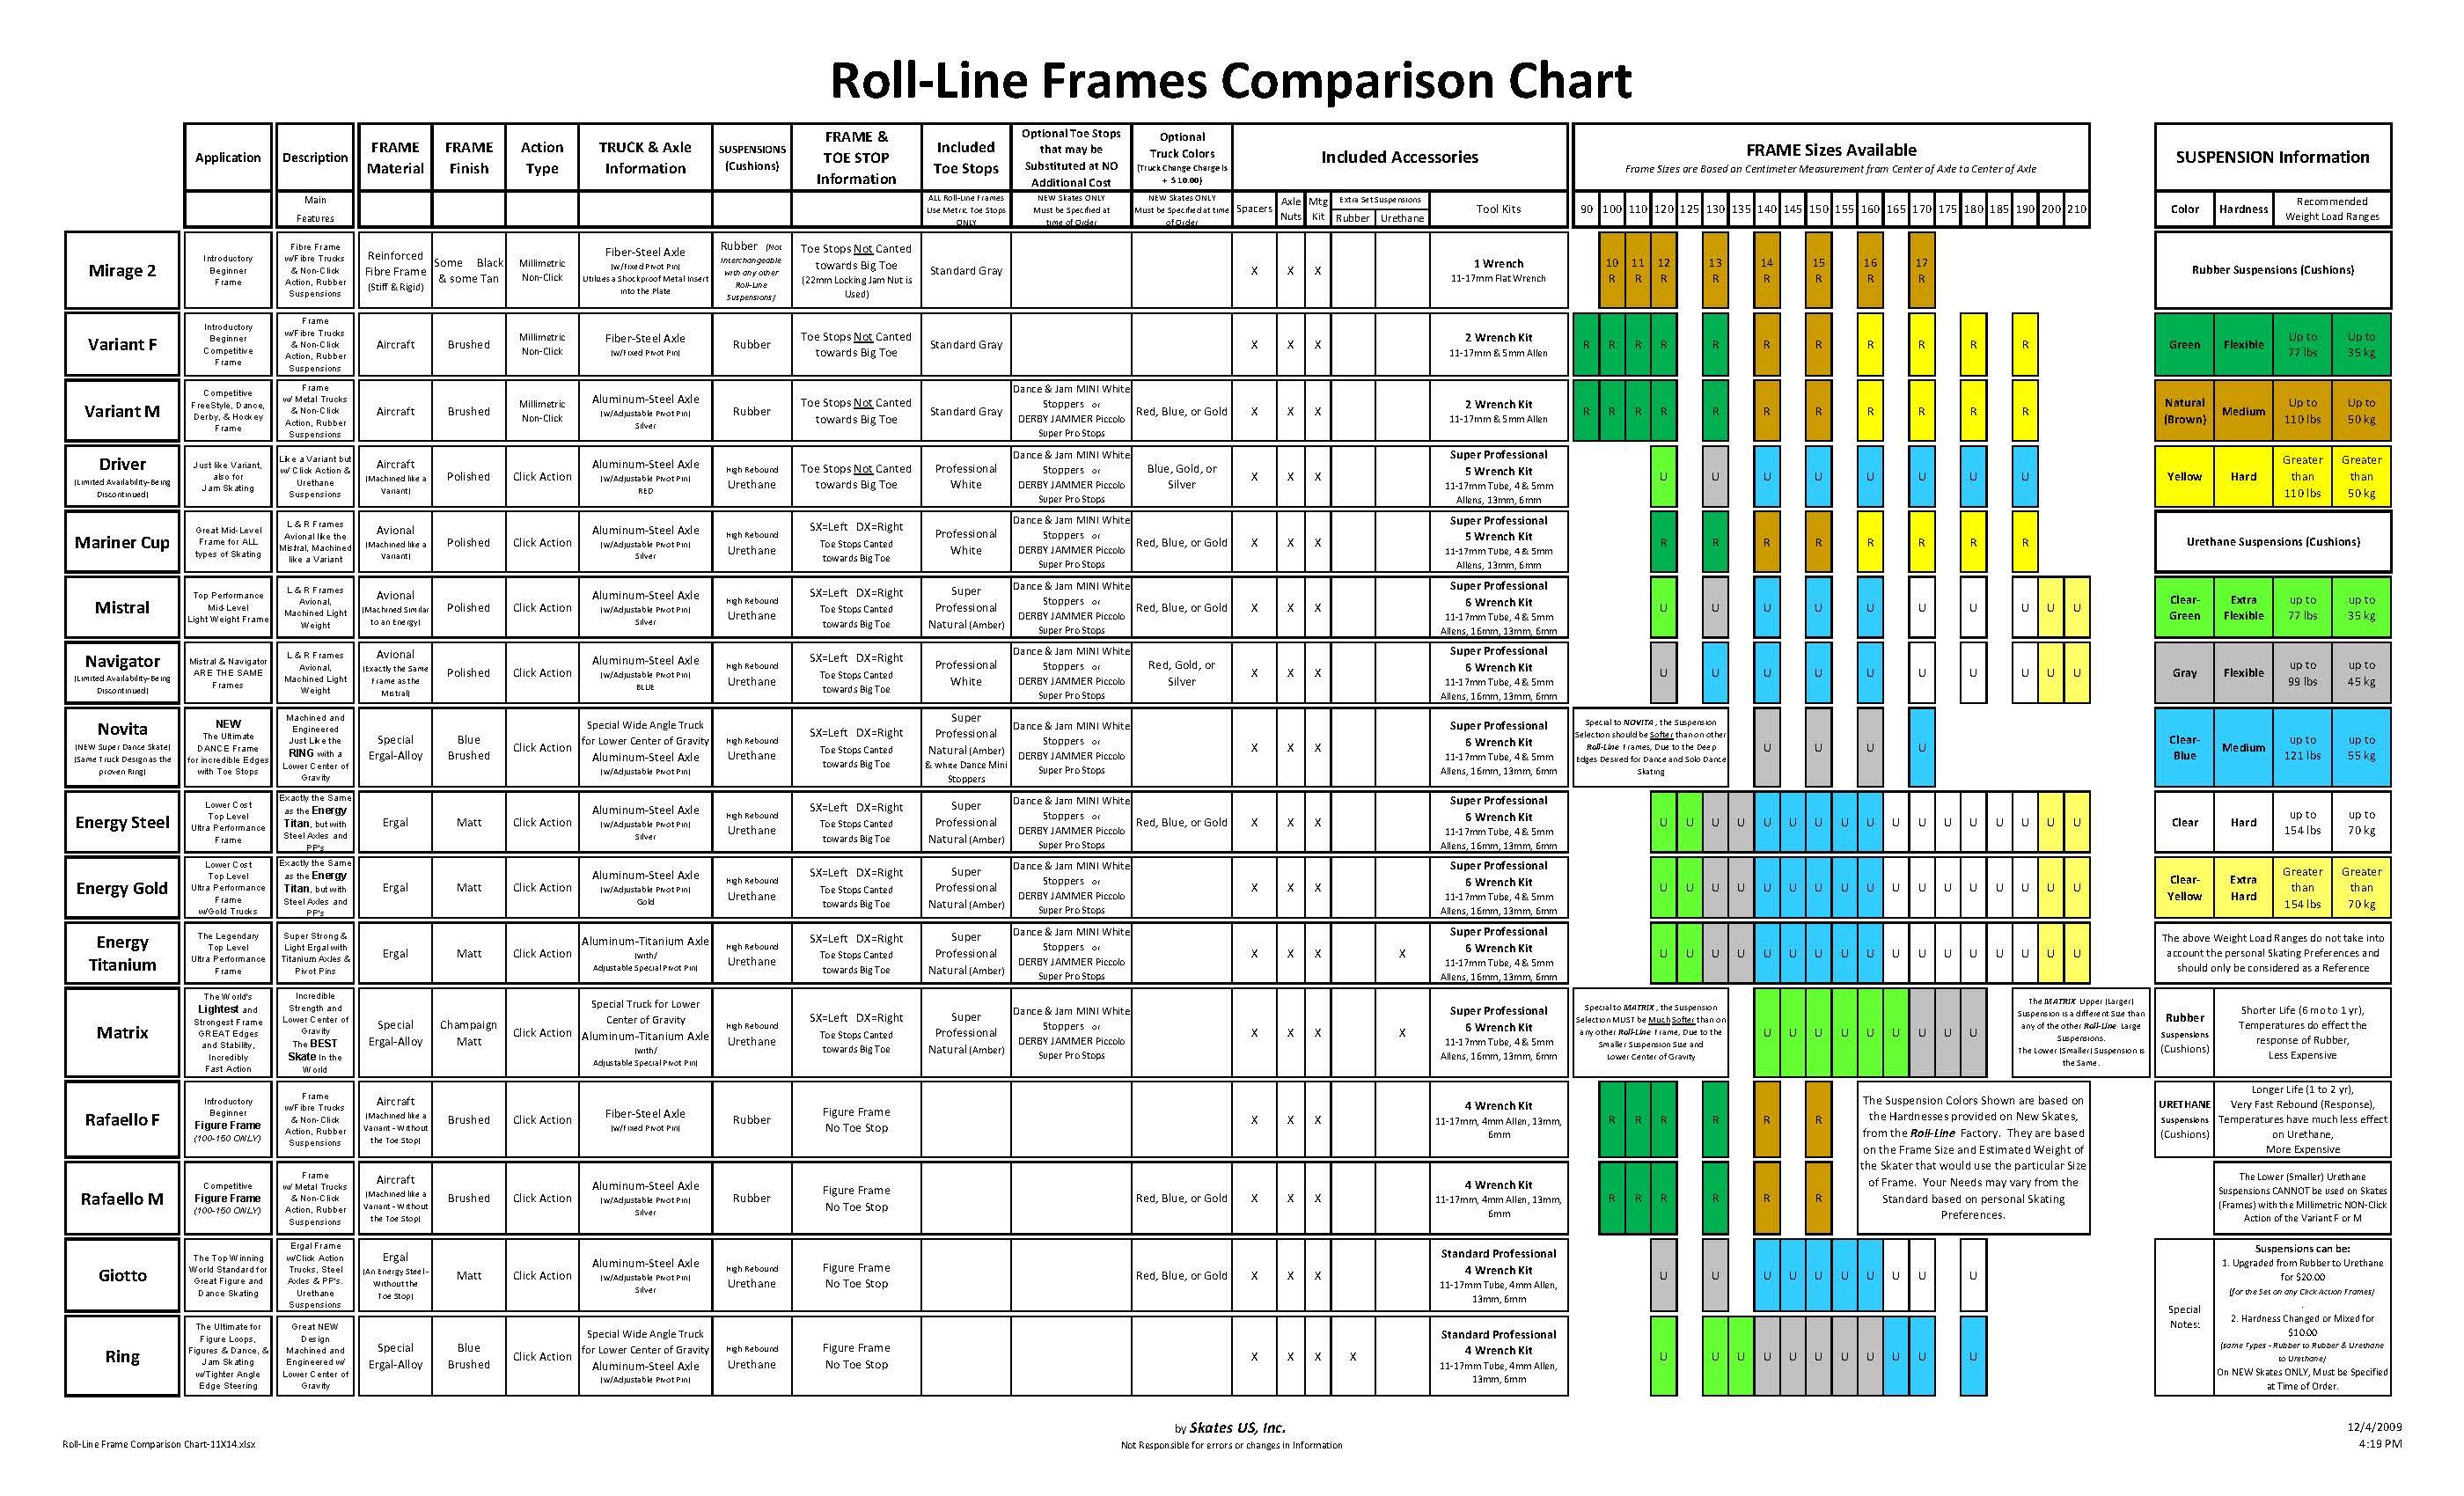 roll-lineframechart-85x14.jpg